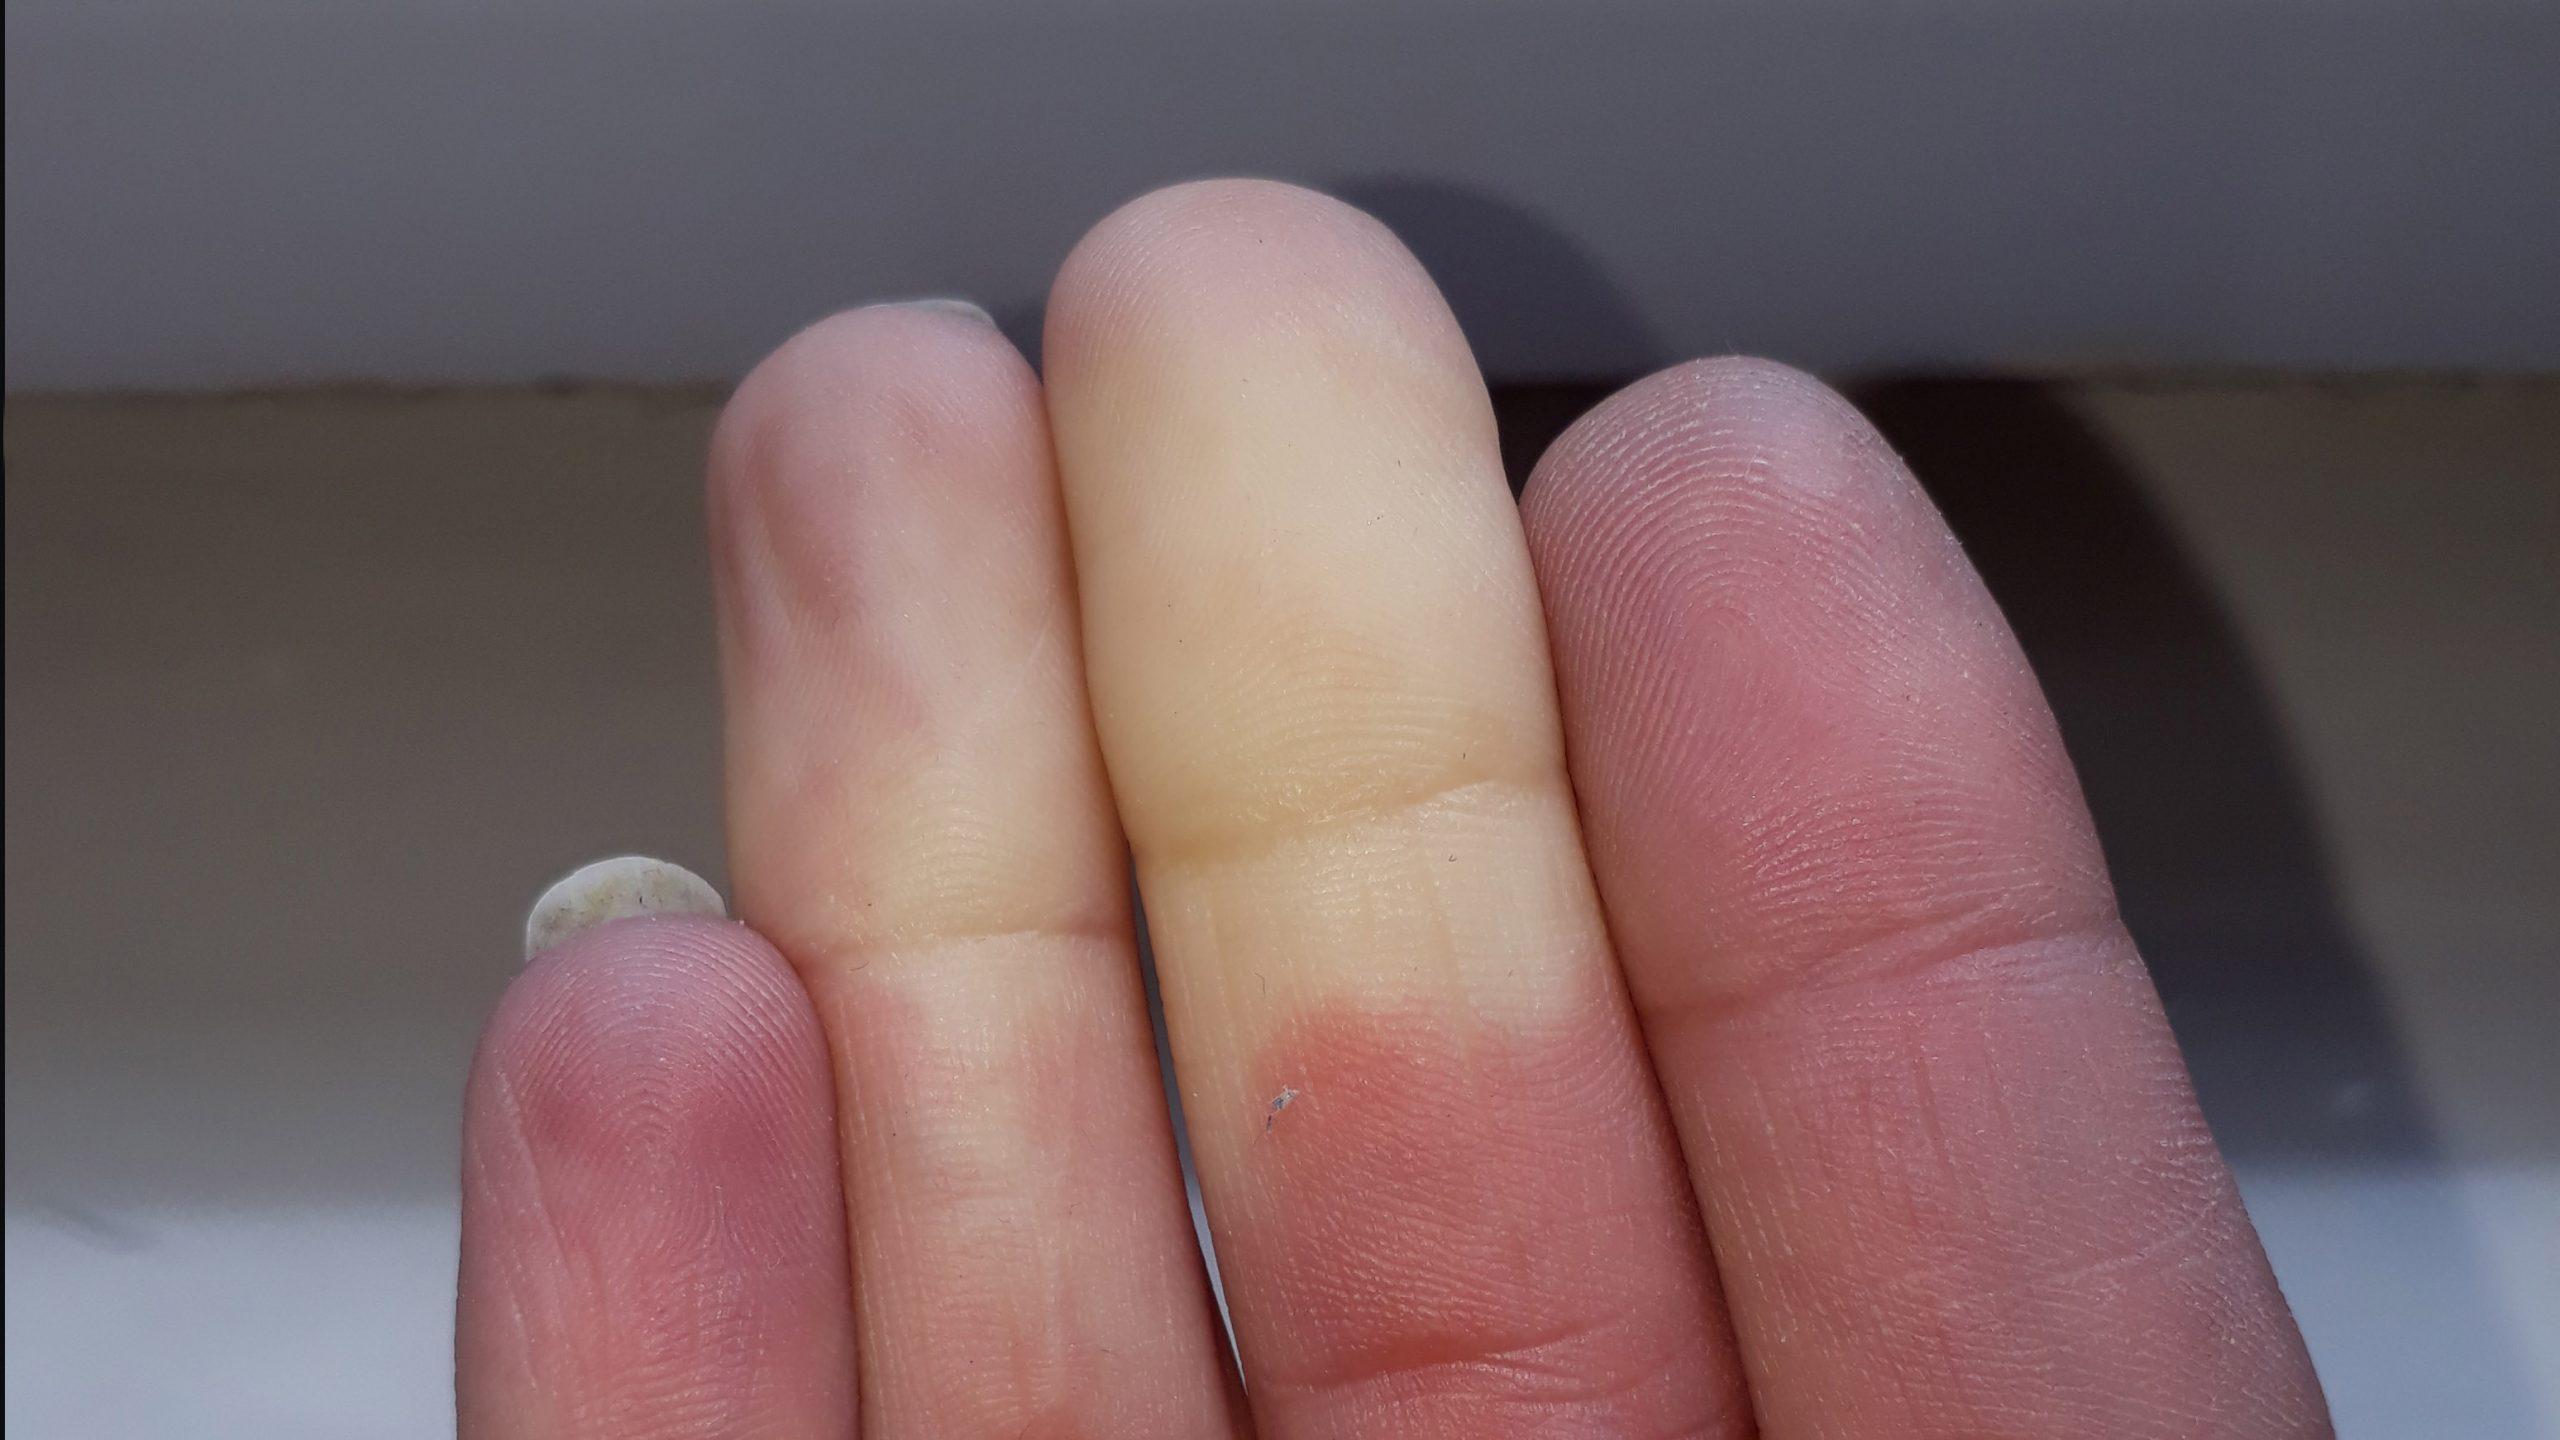 raynauds hand